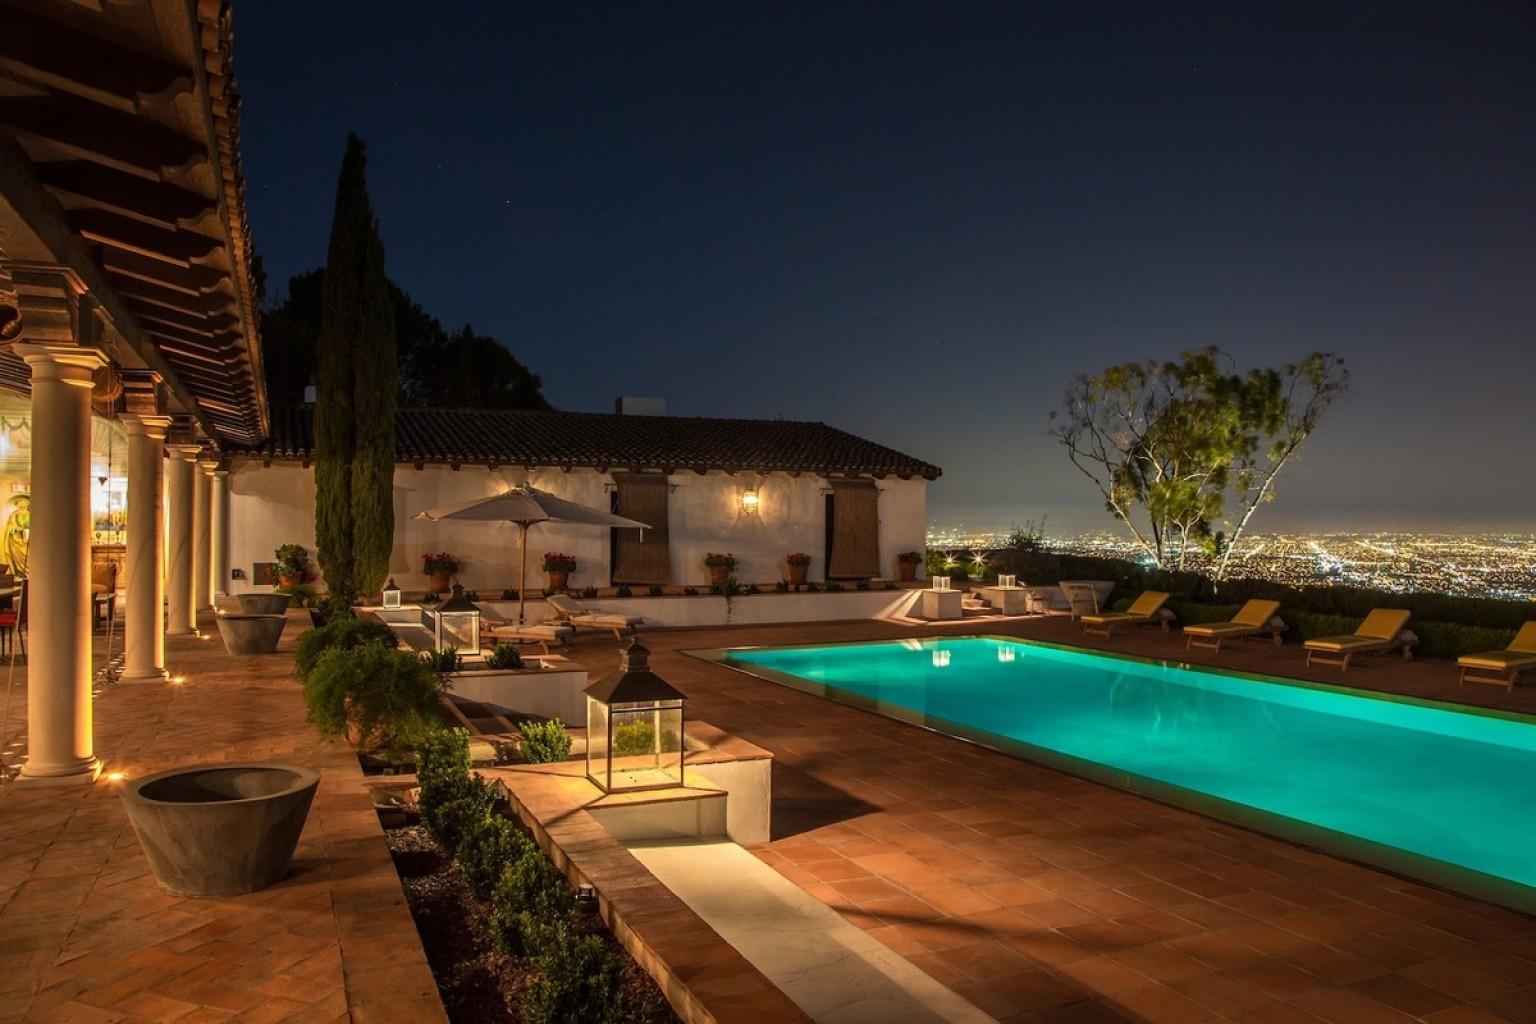 Case di lusso la villa in california con 5 piani for Piani di case di lusso